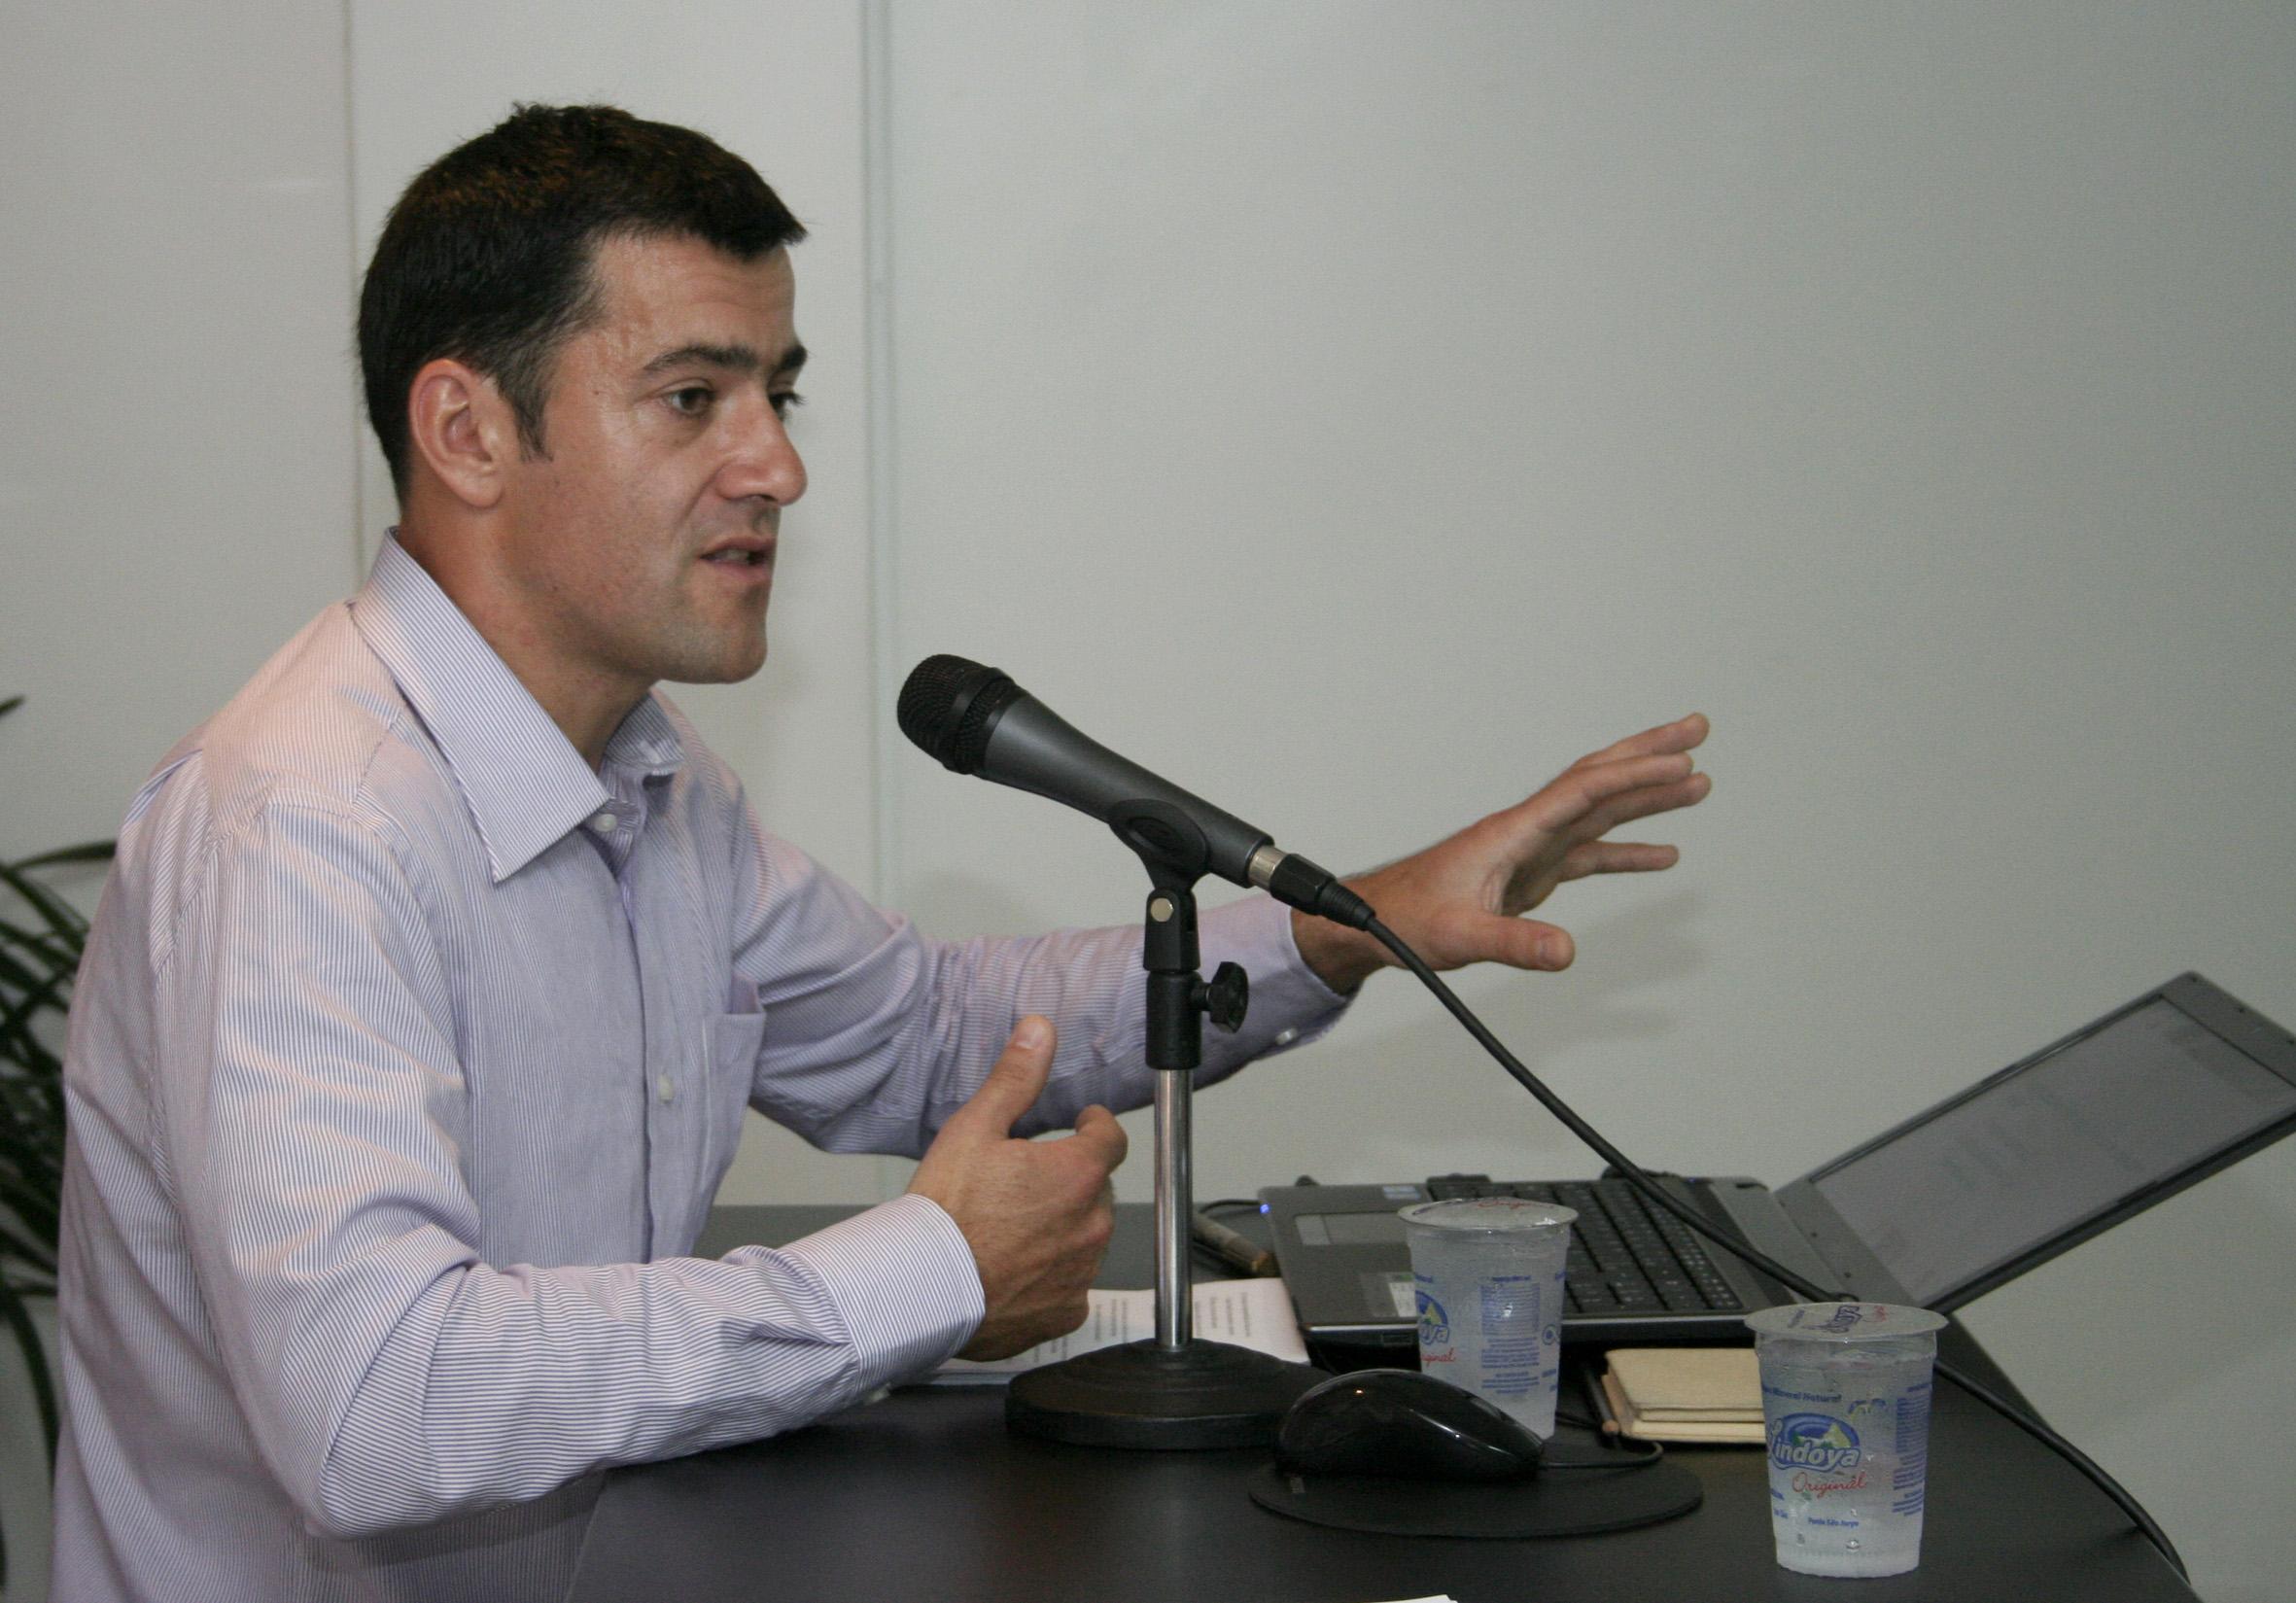 Nicolas Lechopier